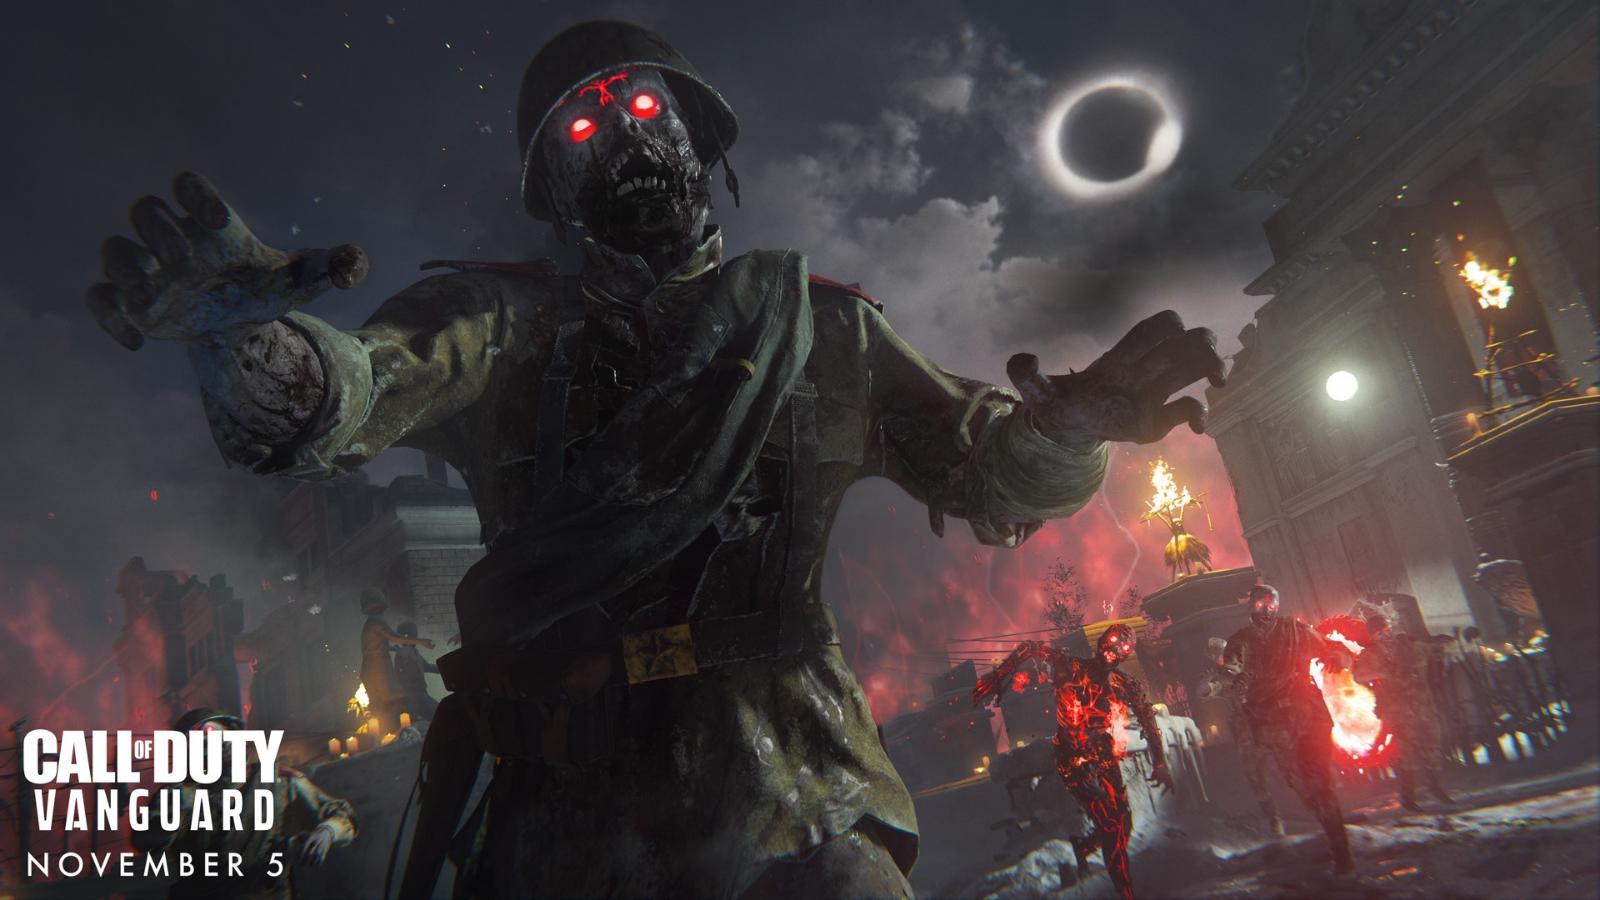 Dit moet je weten over Call of Duty Zombies in Vanguard